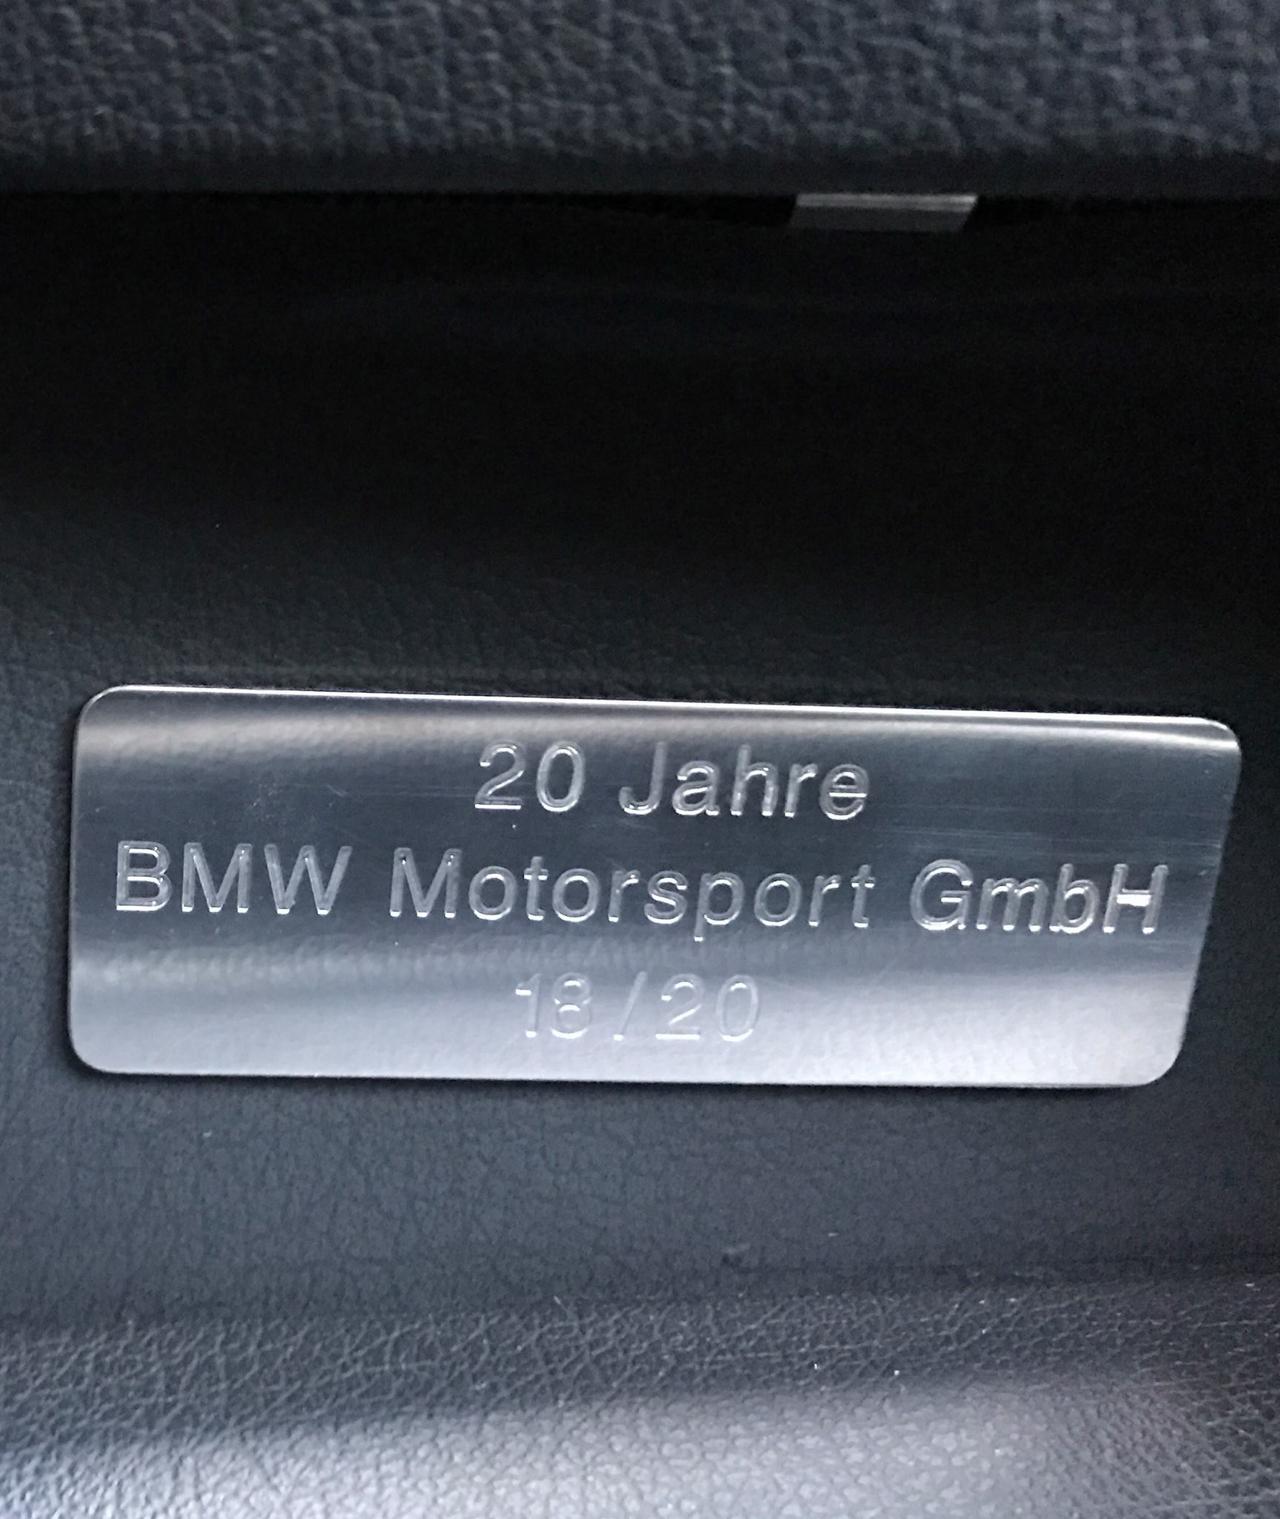 BMW M5 20 Jahre - La plus rare, la plus désirable ?! 66